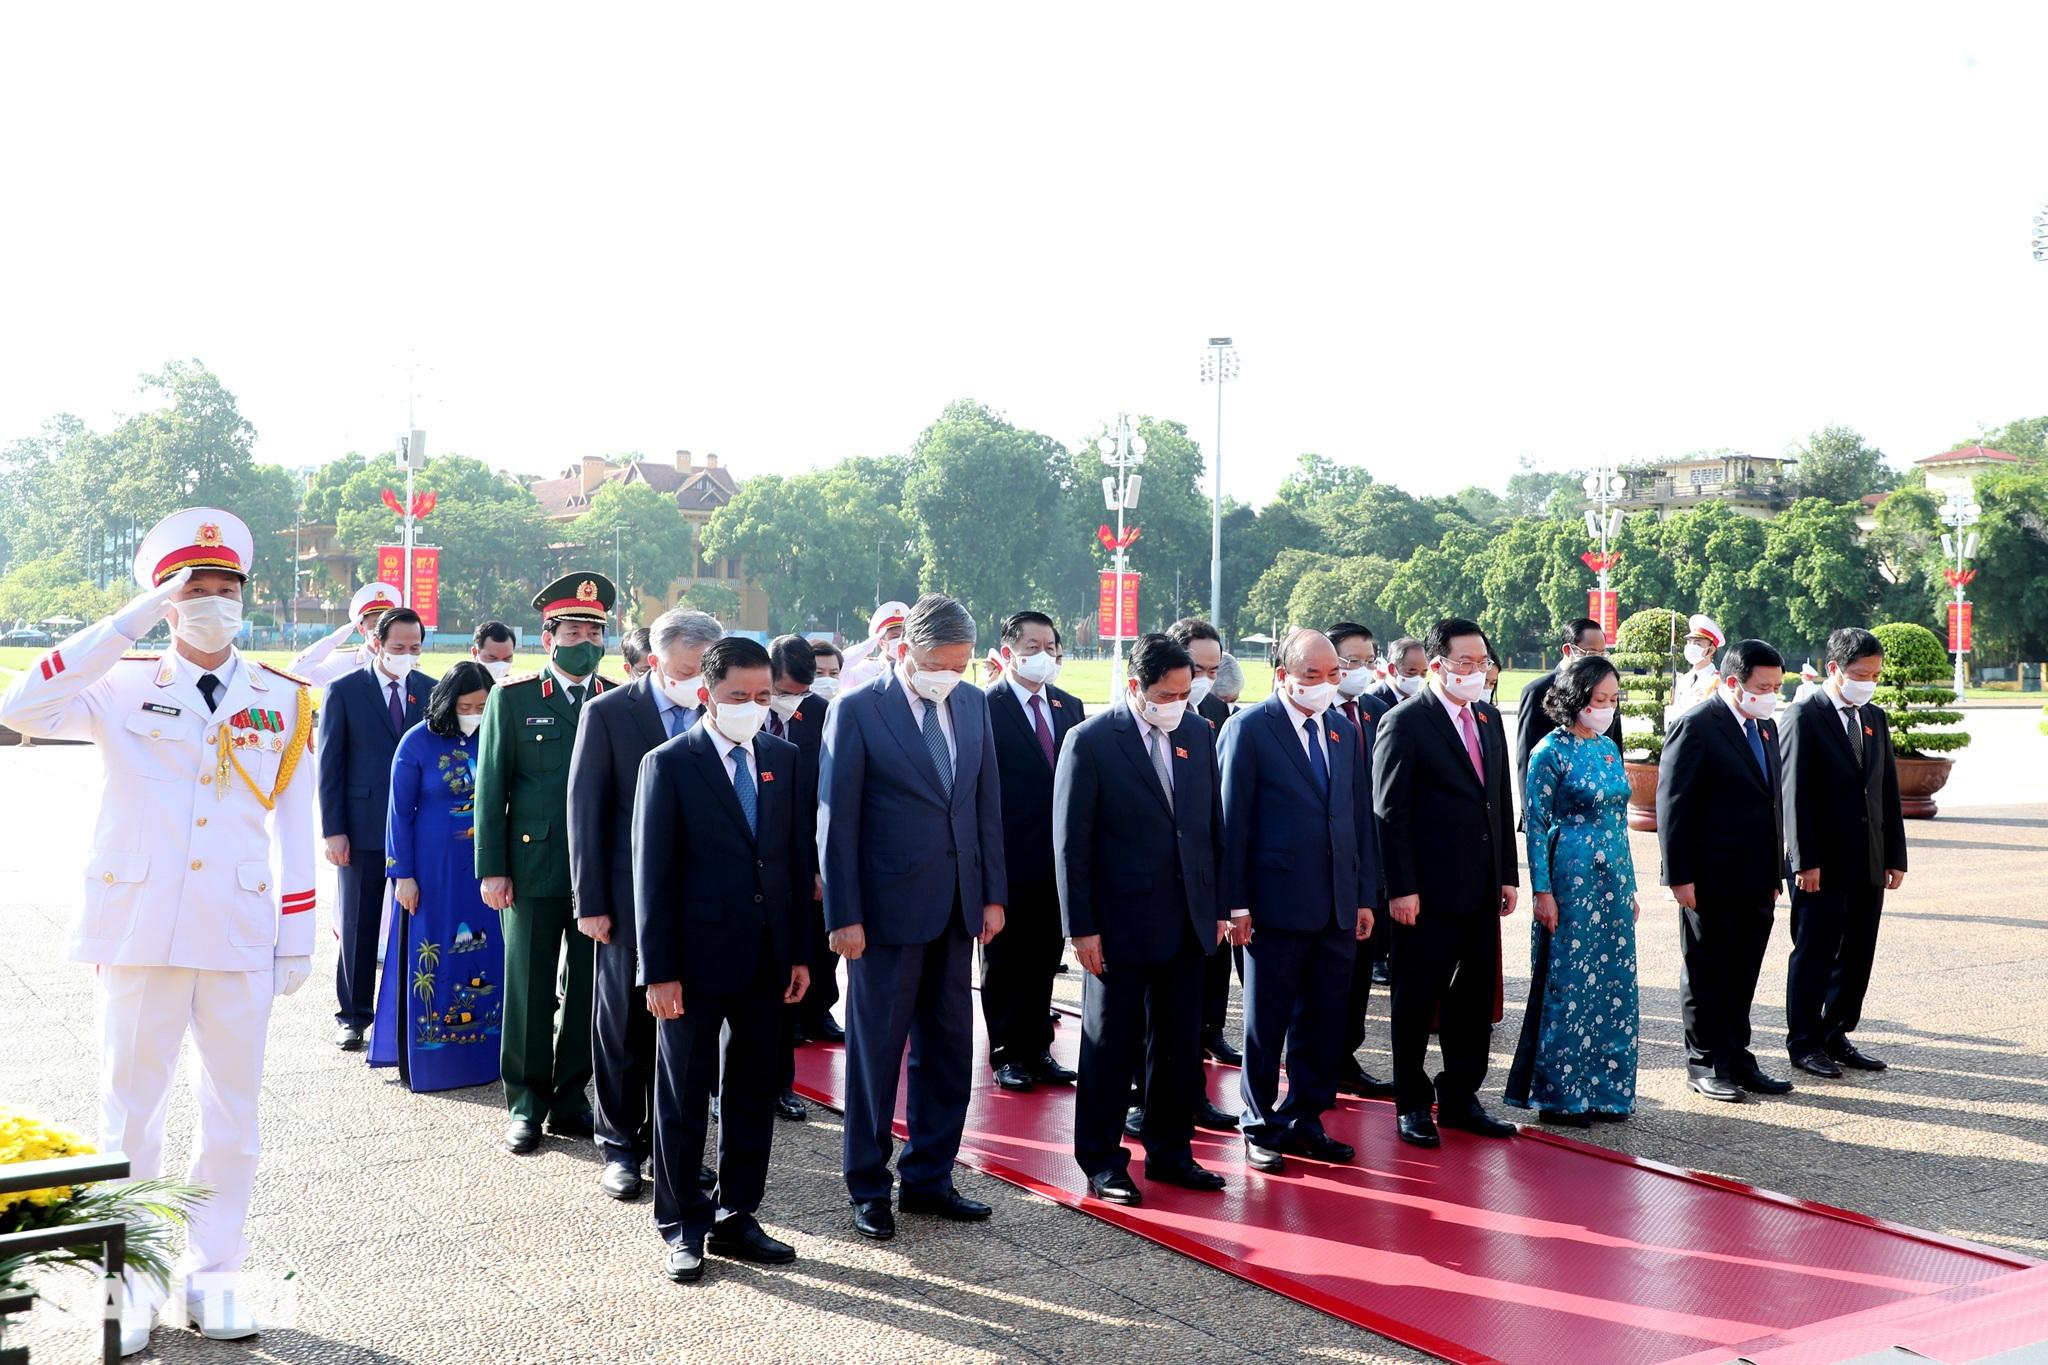 Lãnh đạo Đảng, Nhà nước đặt vòng hoa, tưởng niệm các Anh hùng liệt sĩ - 9